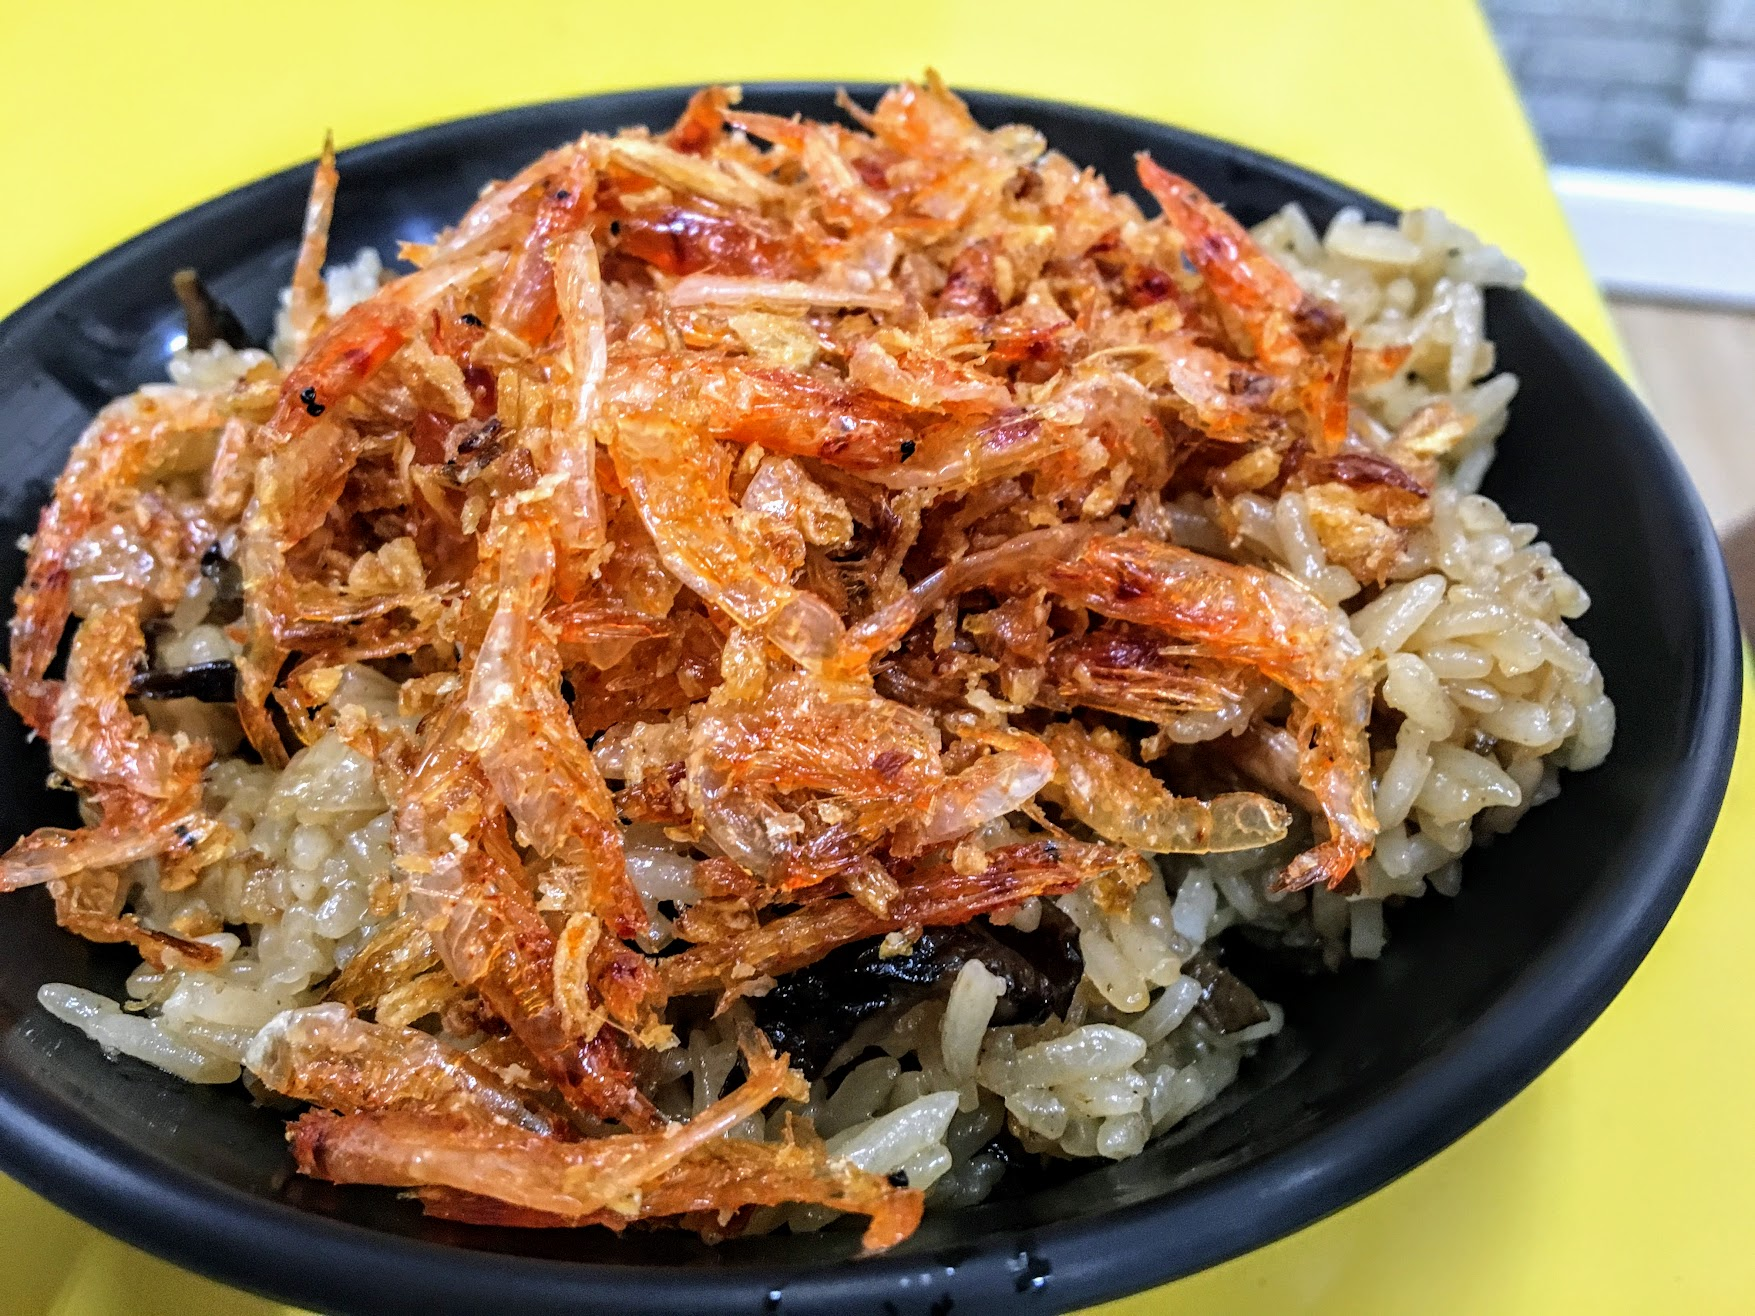 櫻花蝦油飯,底下還是油飯的,上頭則灑上一堆櫻花蝦啊